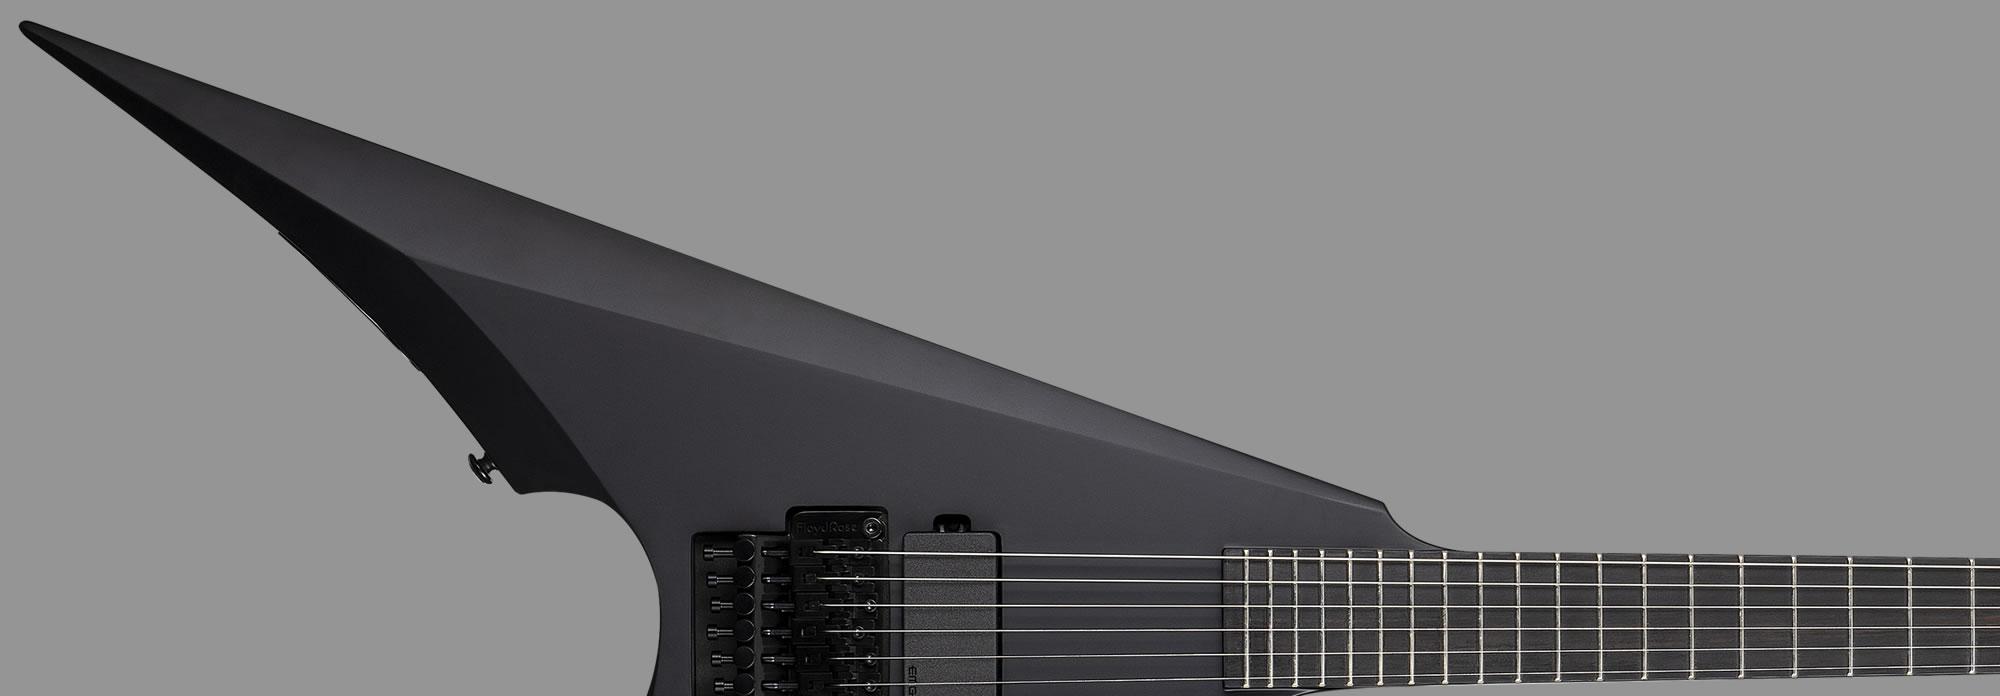 ESP LTD Arrow Black Metal